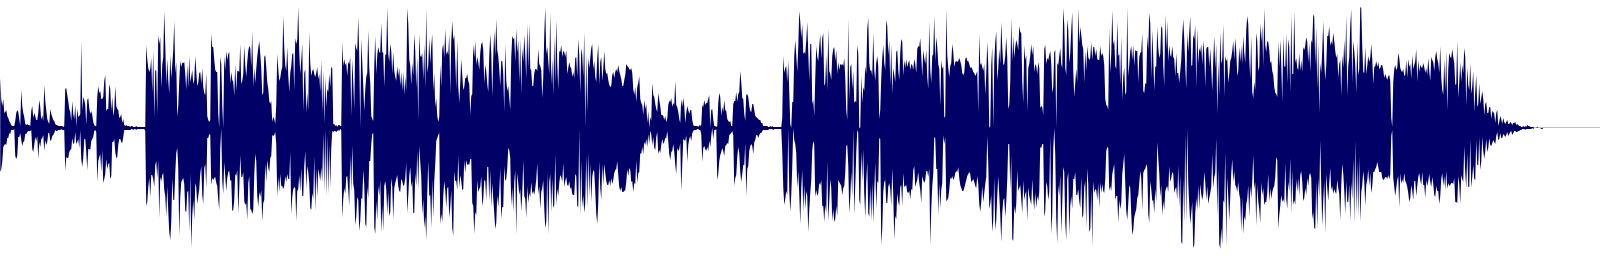 waveform of track #118625